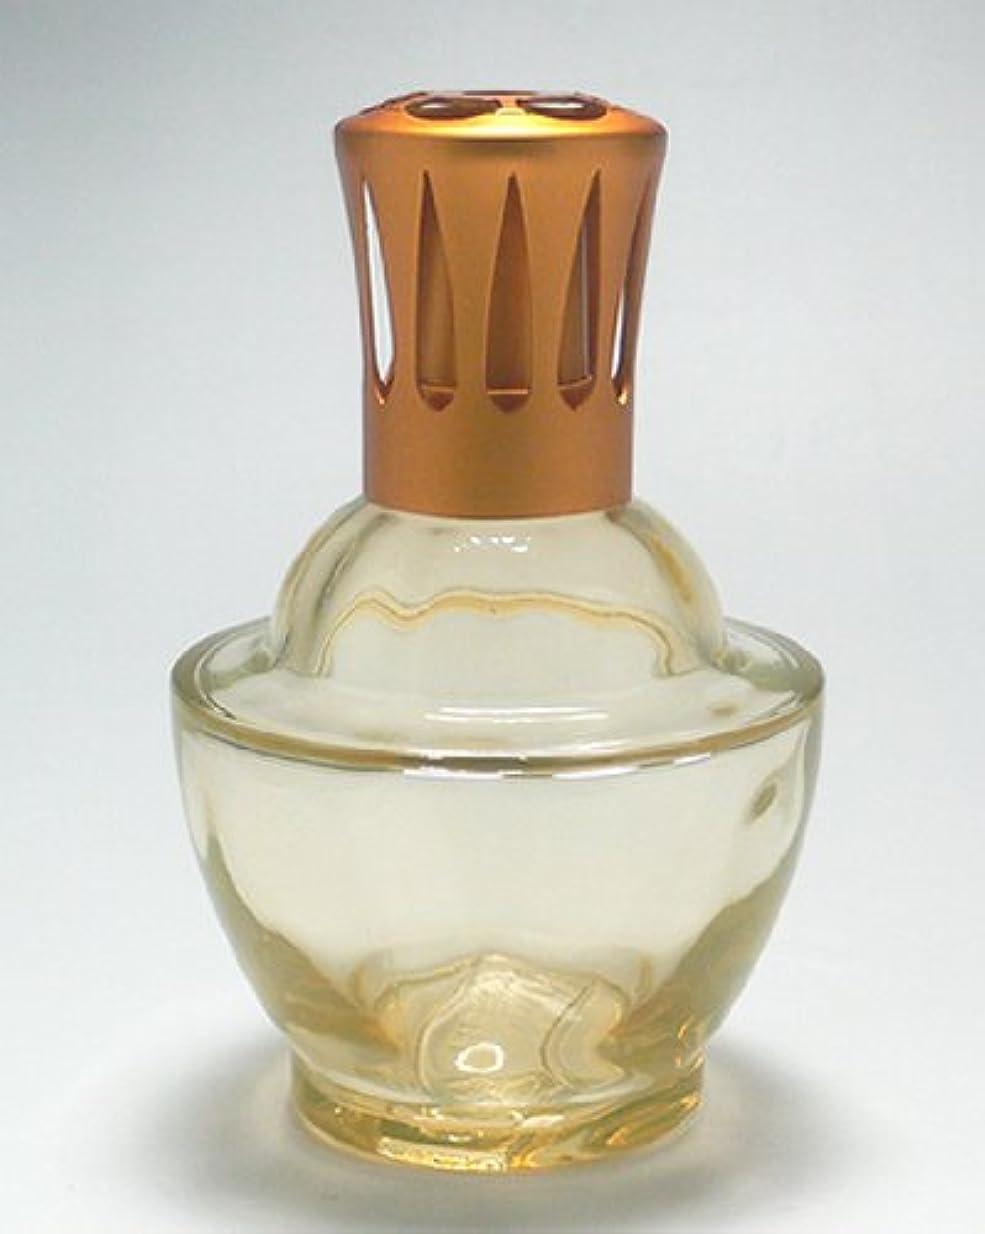 八コンソール廃止【ランプベルジェ】 ガラスランプ ファウンテン 3249 オレンジ